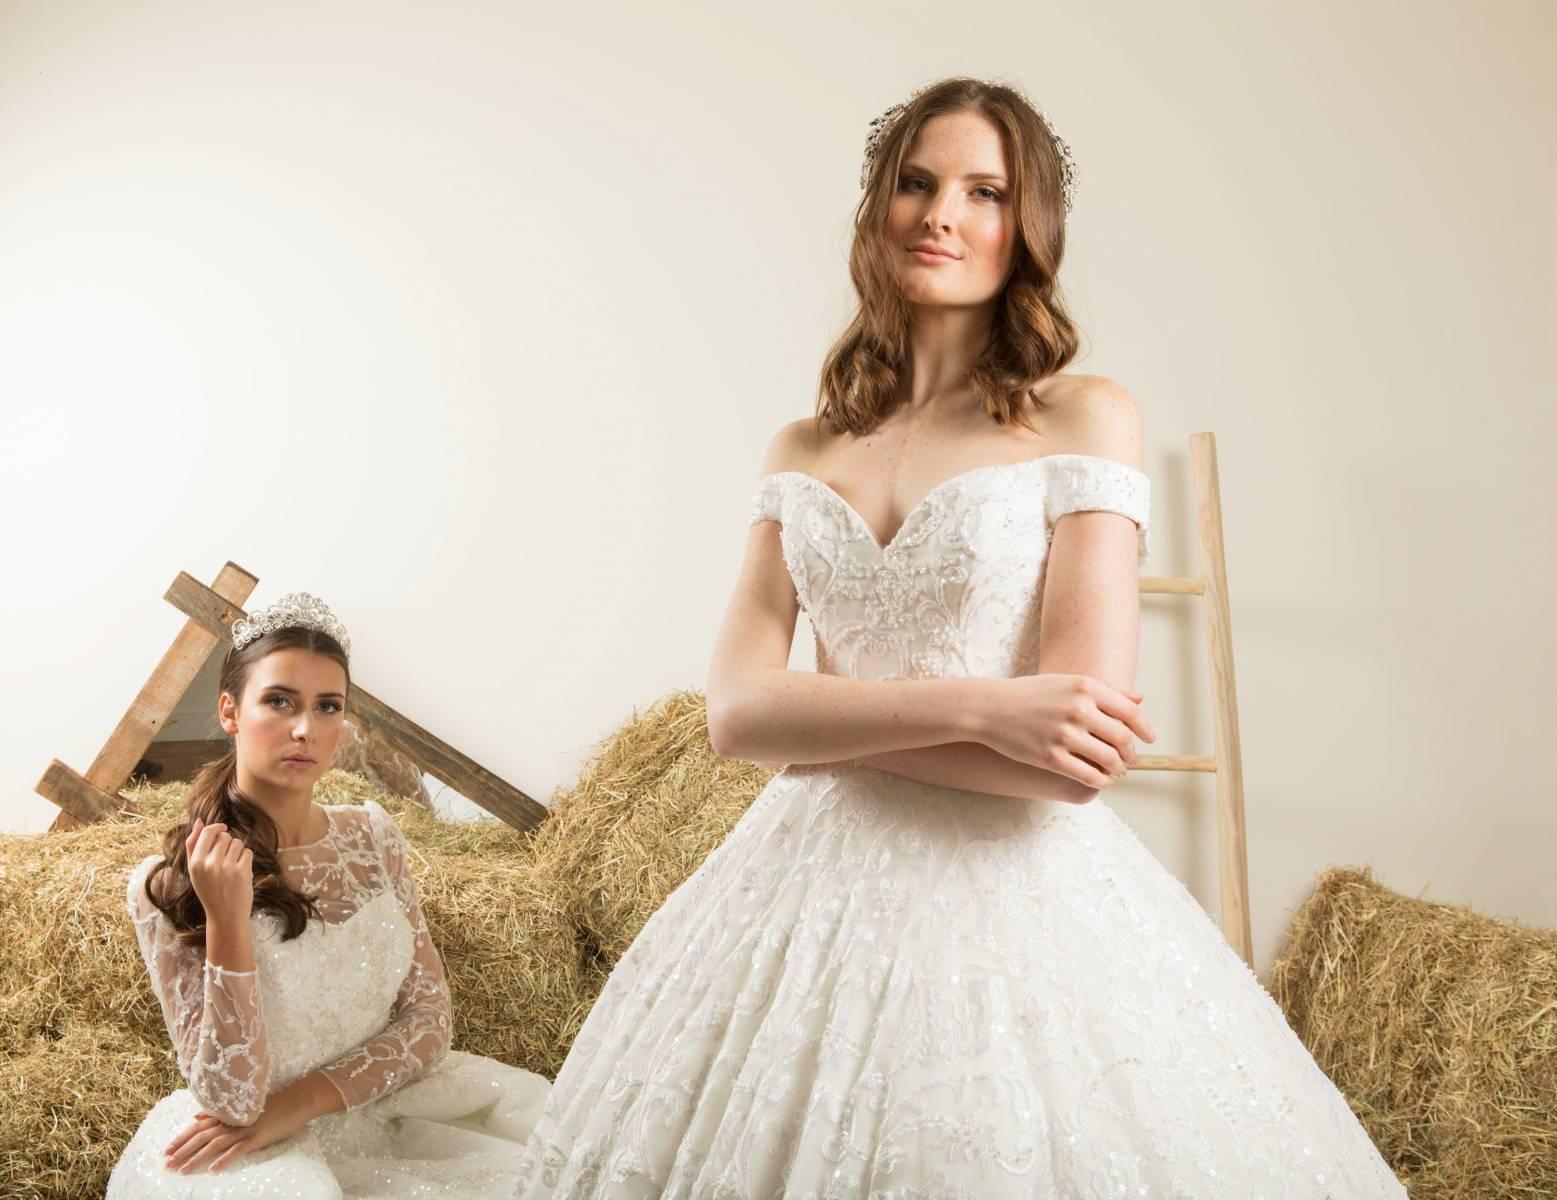 Atelier ExC - Trouwjurken - Bruidsjurken - Bruidswinkel - Bruidsmodewinkel - House of Weddings - 239